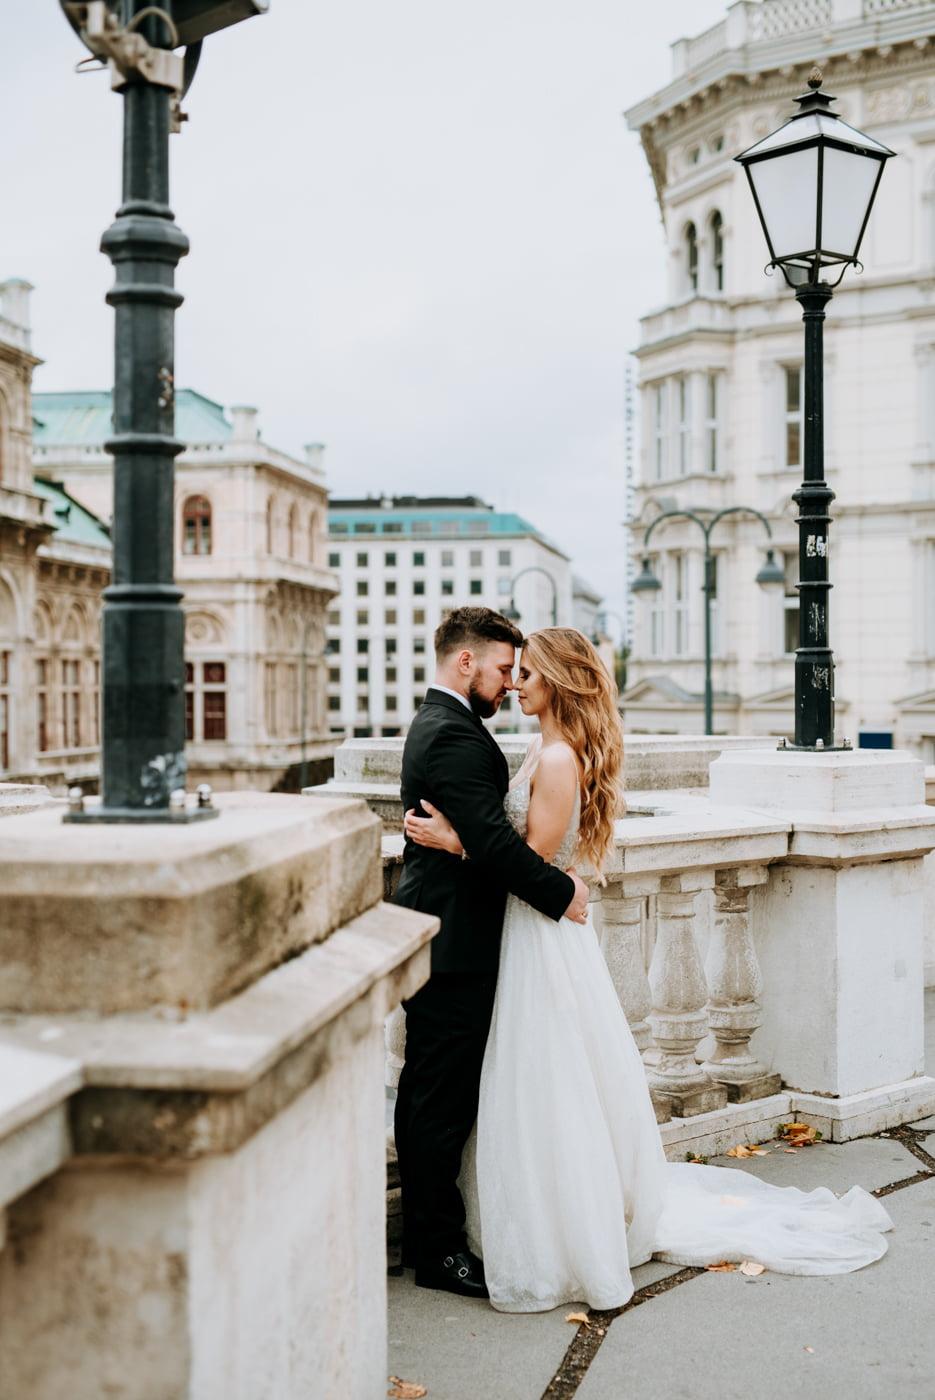 Sesja Ślubna w Wiedniu - Ania i Tomek 15